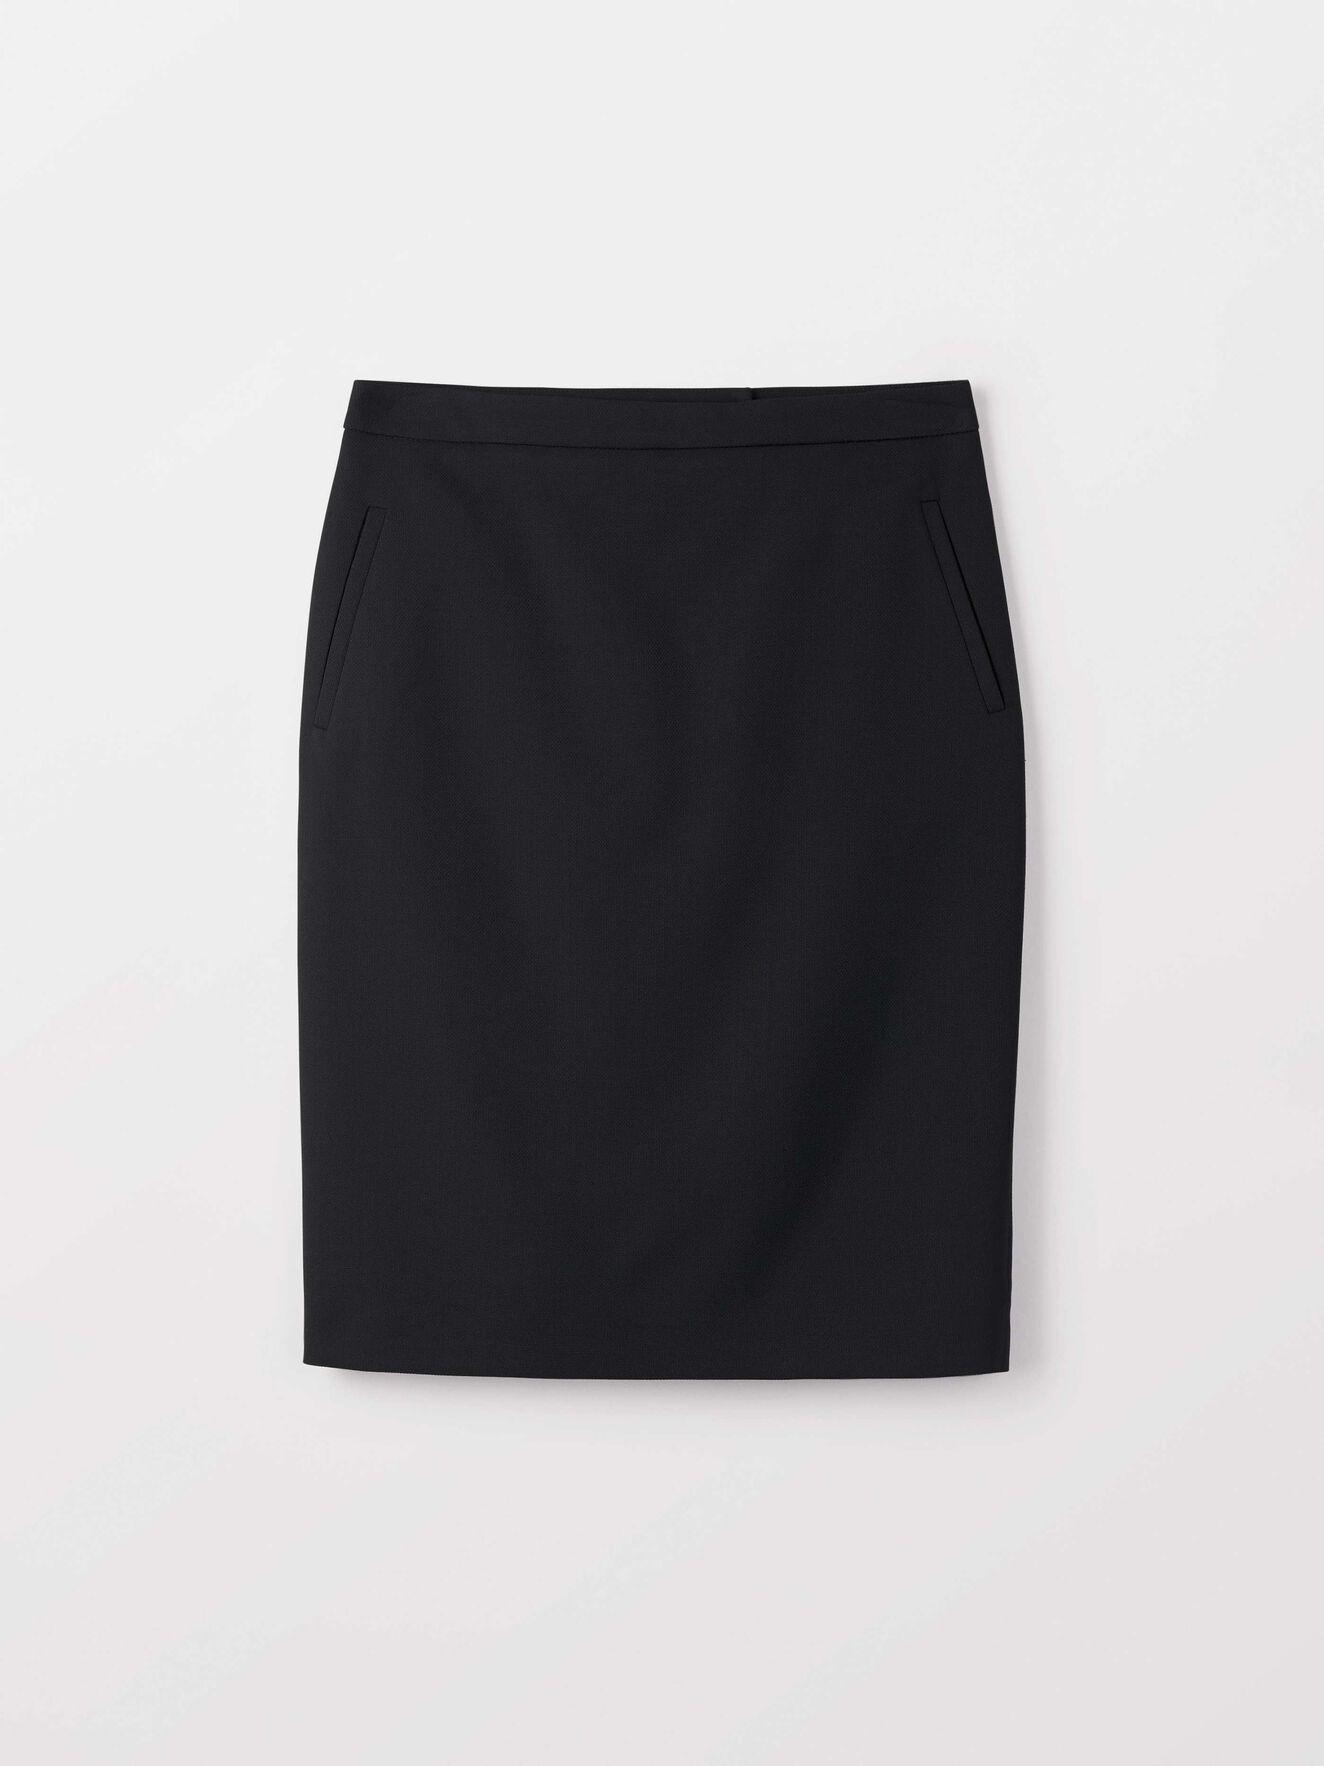 Erene Skirt in Night Black from Tiger of Sweden